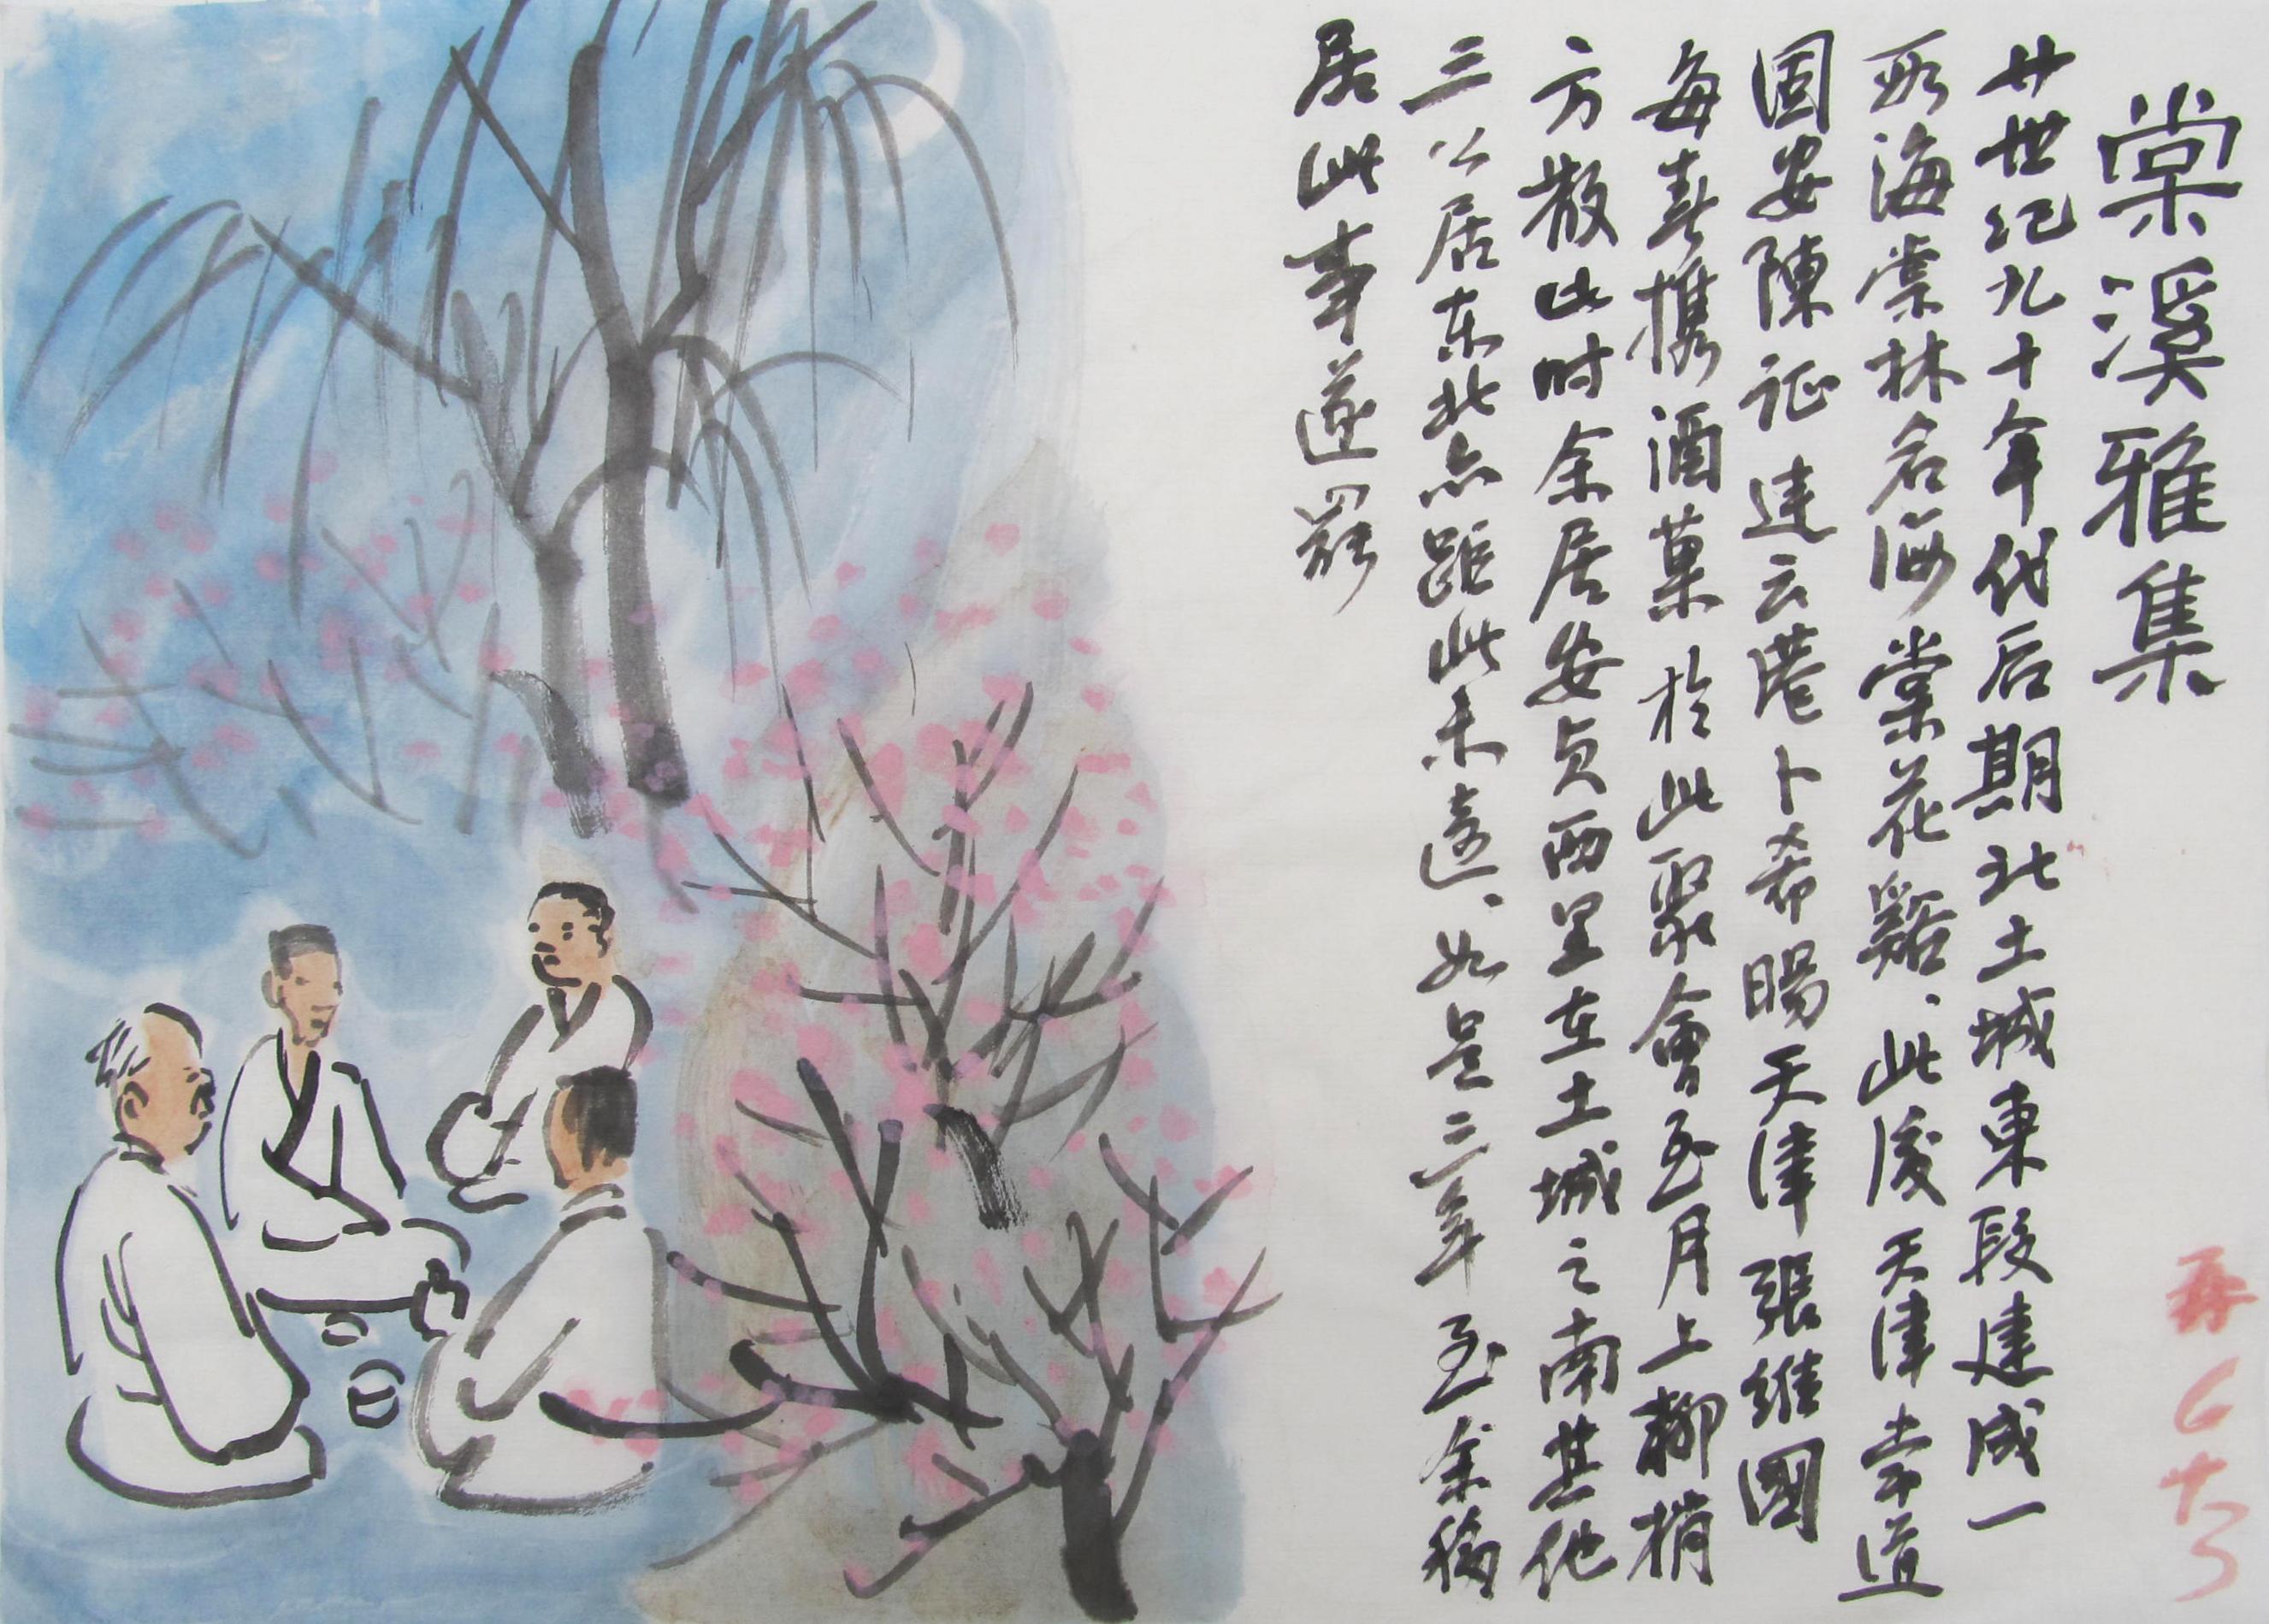 棠溪雅集 The Elegant Gathering at TangXi